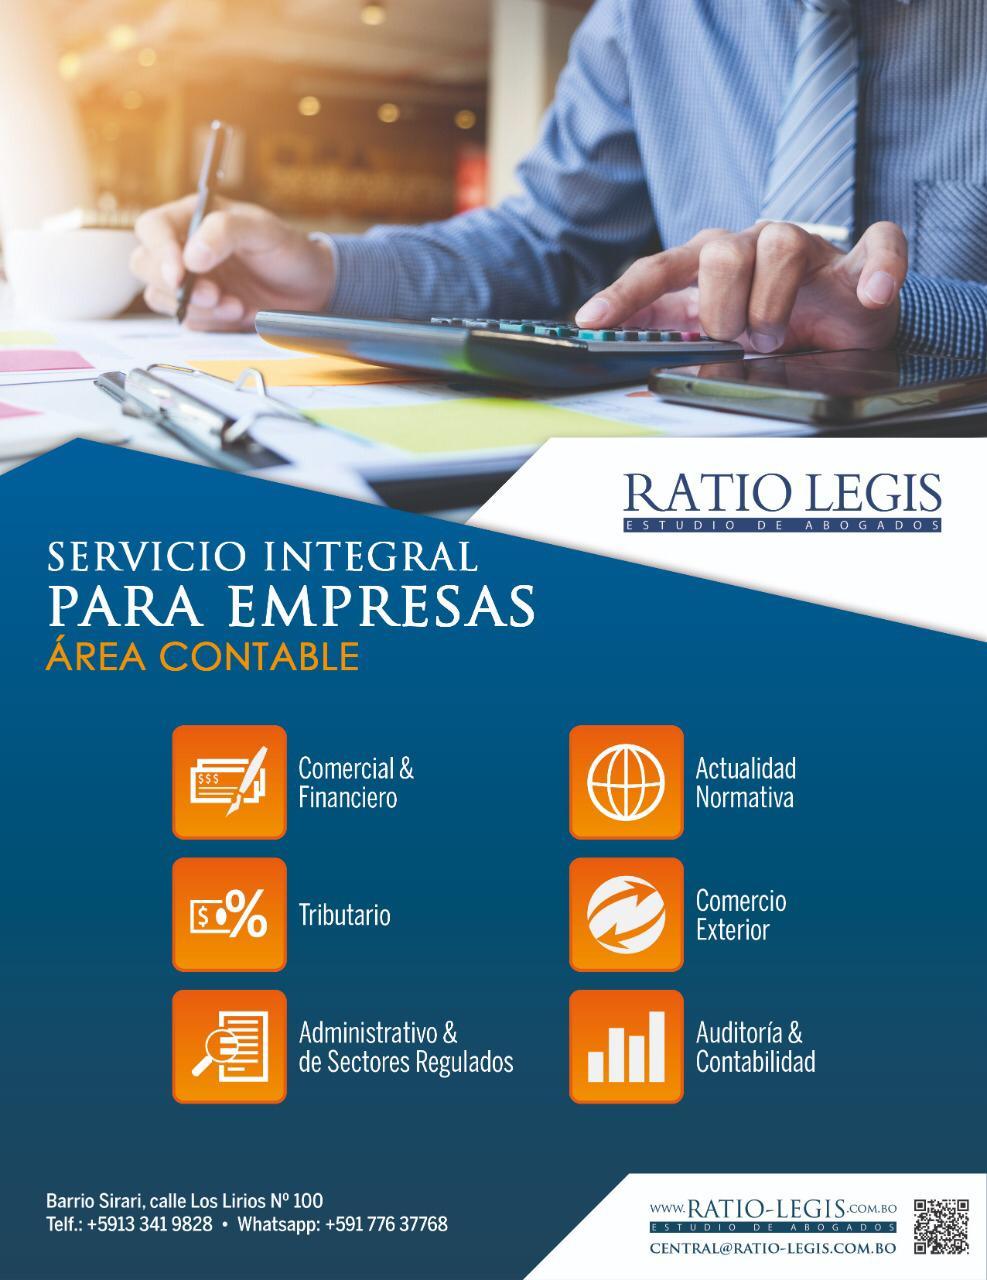 (Español) Servicio Integral para Empresas Área Contable